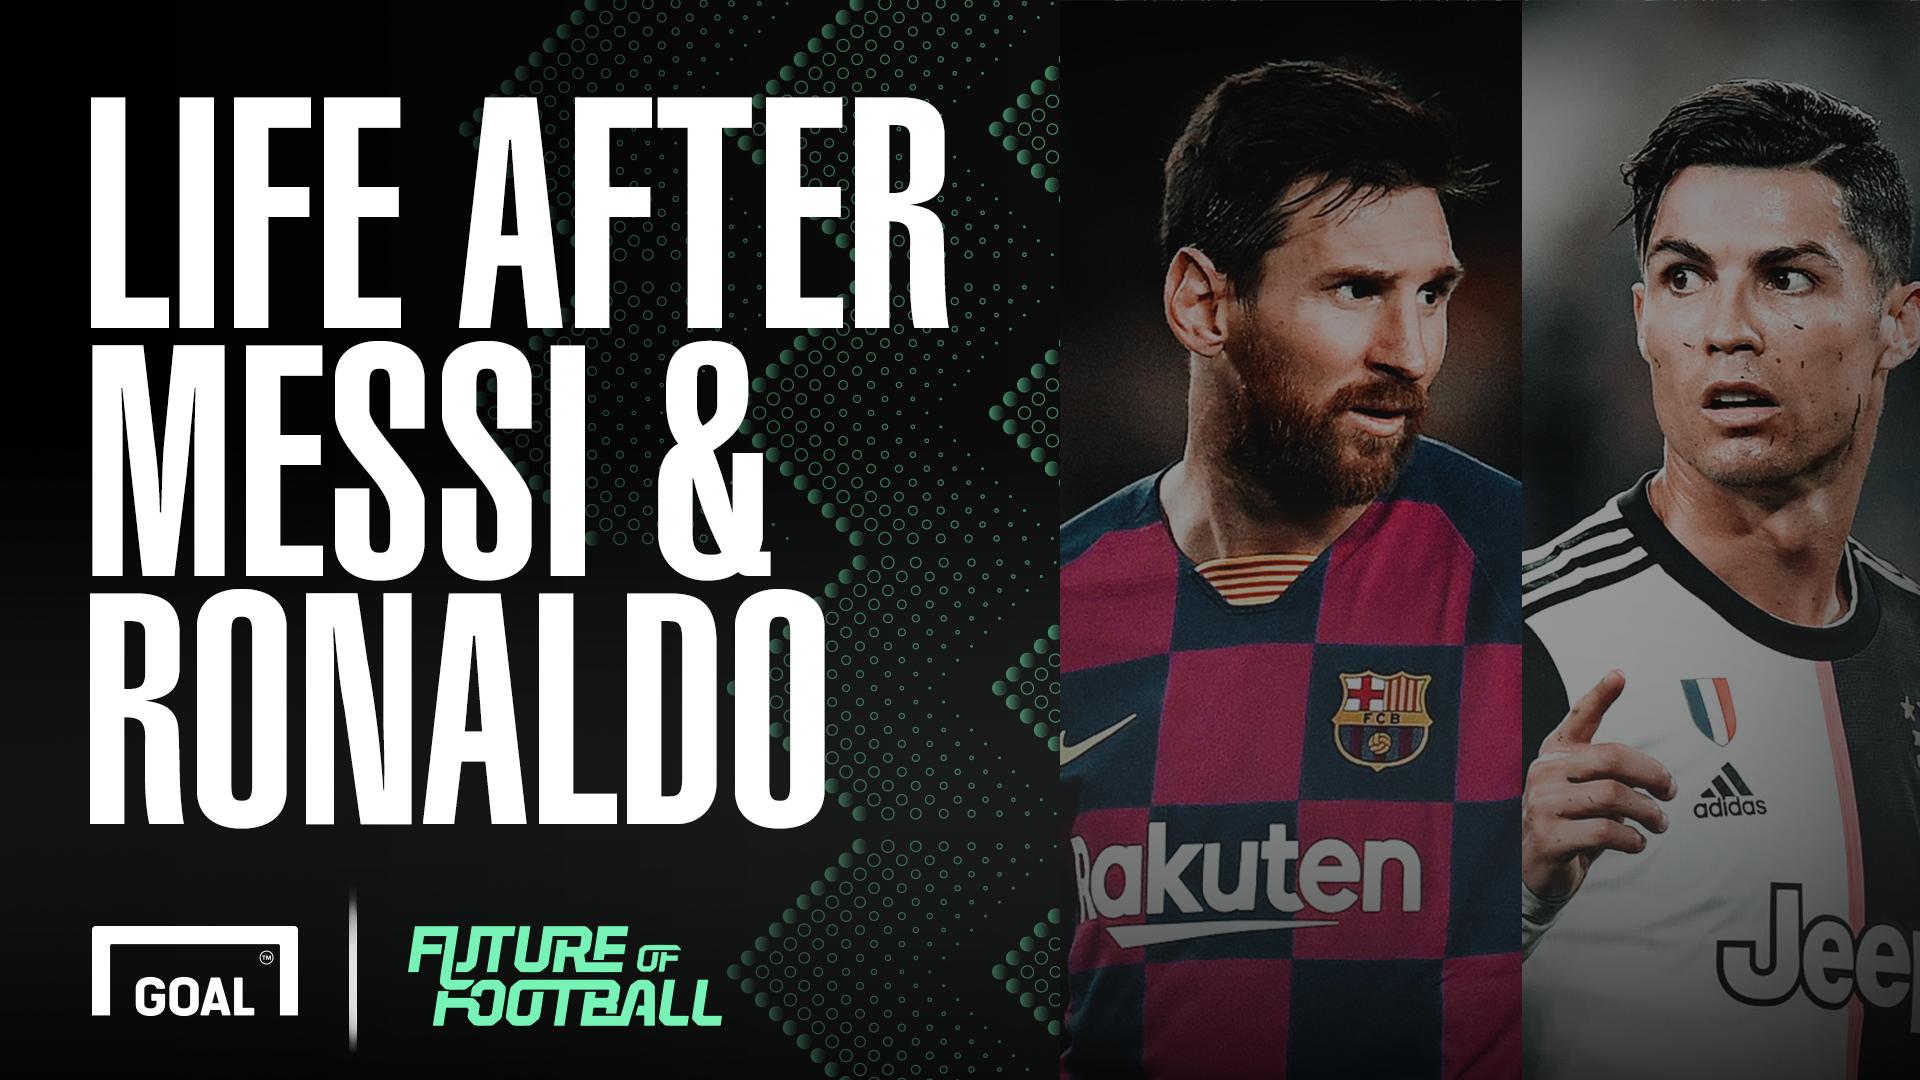 够力足球未来足球系列 梅罗之后的足球将走向何方?